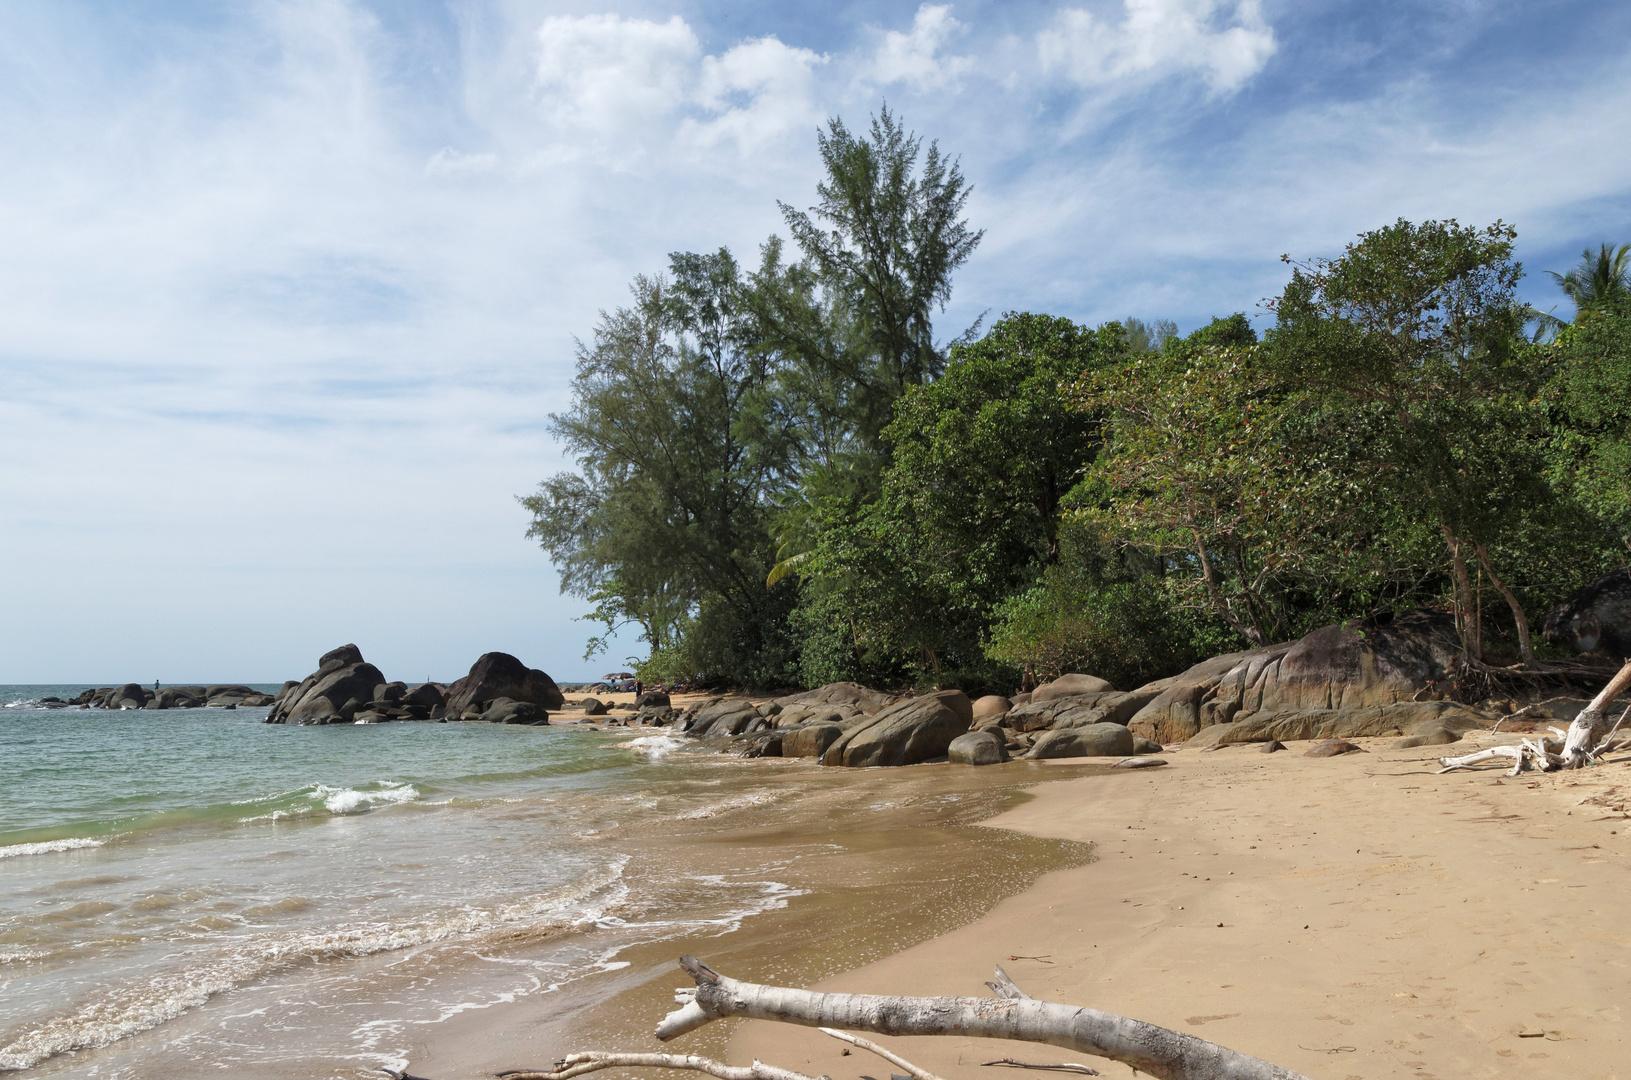 Poseidon Beach, Khao Lak, Phang Nga, Thailand, Februar 2013